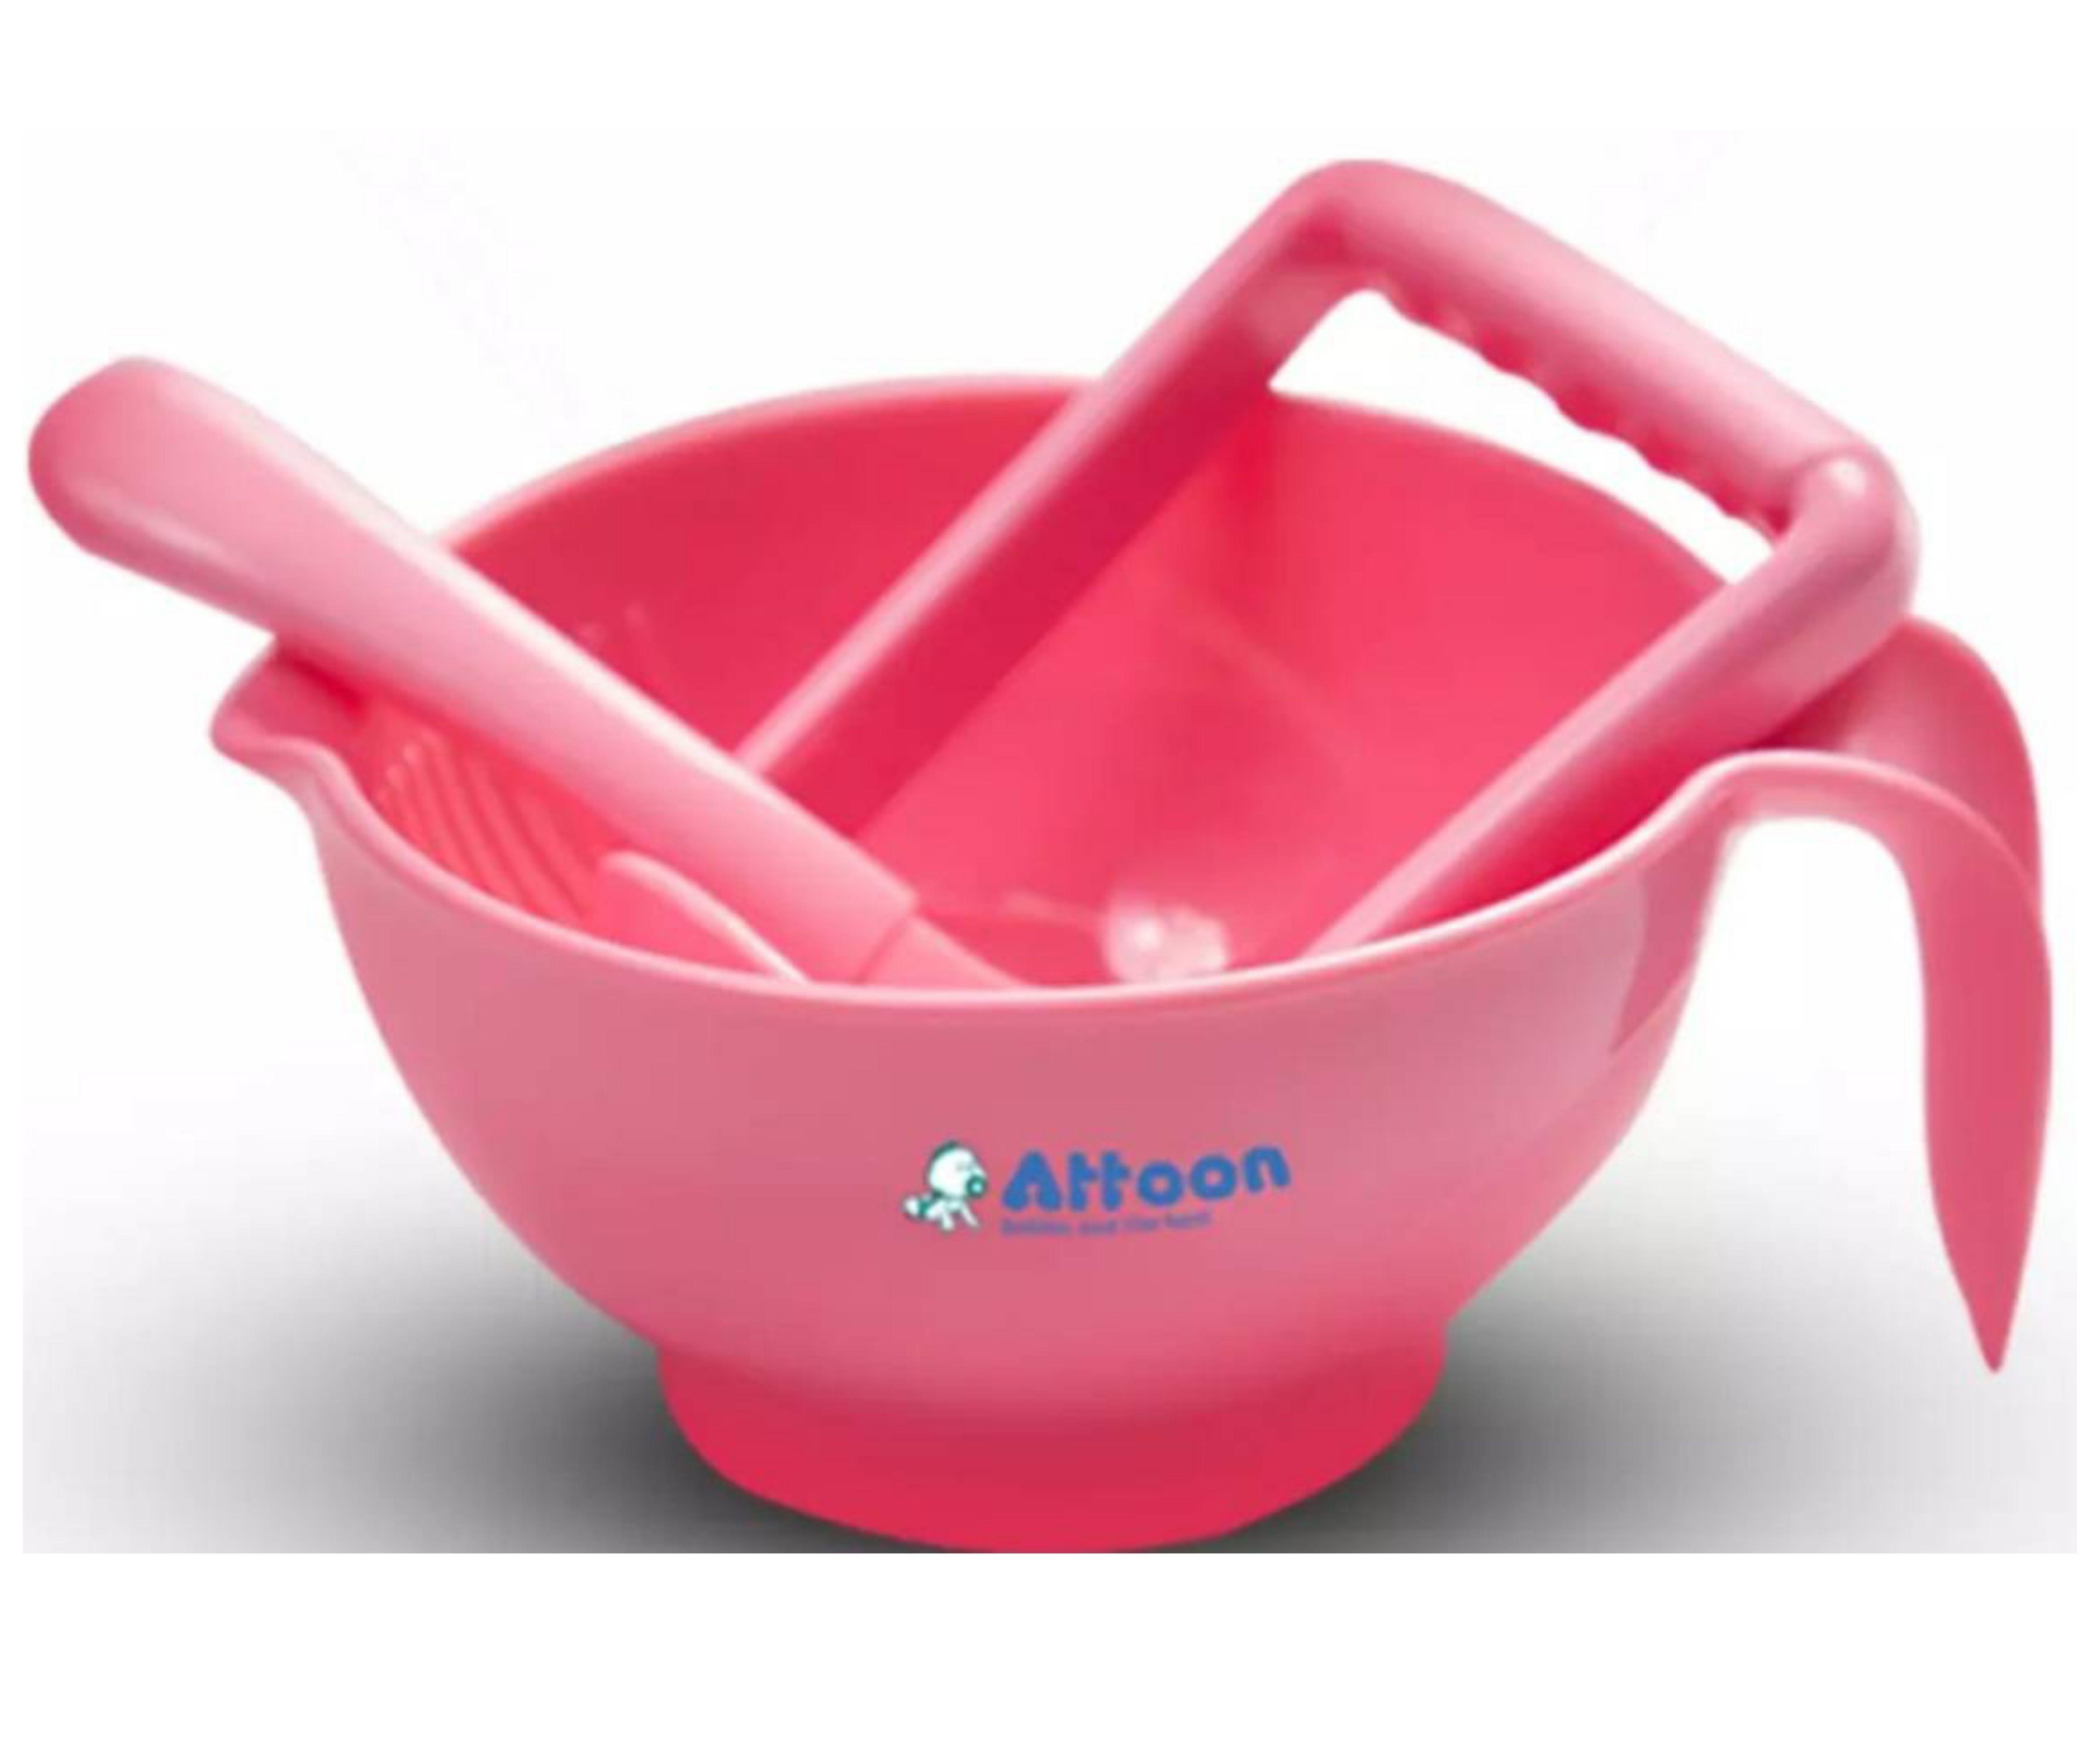 (มีคูปองส่งฟรี) ATTOON ชามบดอาหารเด็ก แอทตูน ถ้วยบดอาหาร ชุดชามบดอาหาร มีมอก. ชุดเตรียมอาหารเด็ก ชามใส่อาหารเด็ก มี3สีให้เลือก